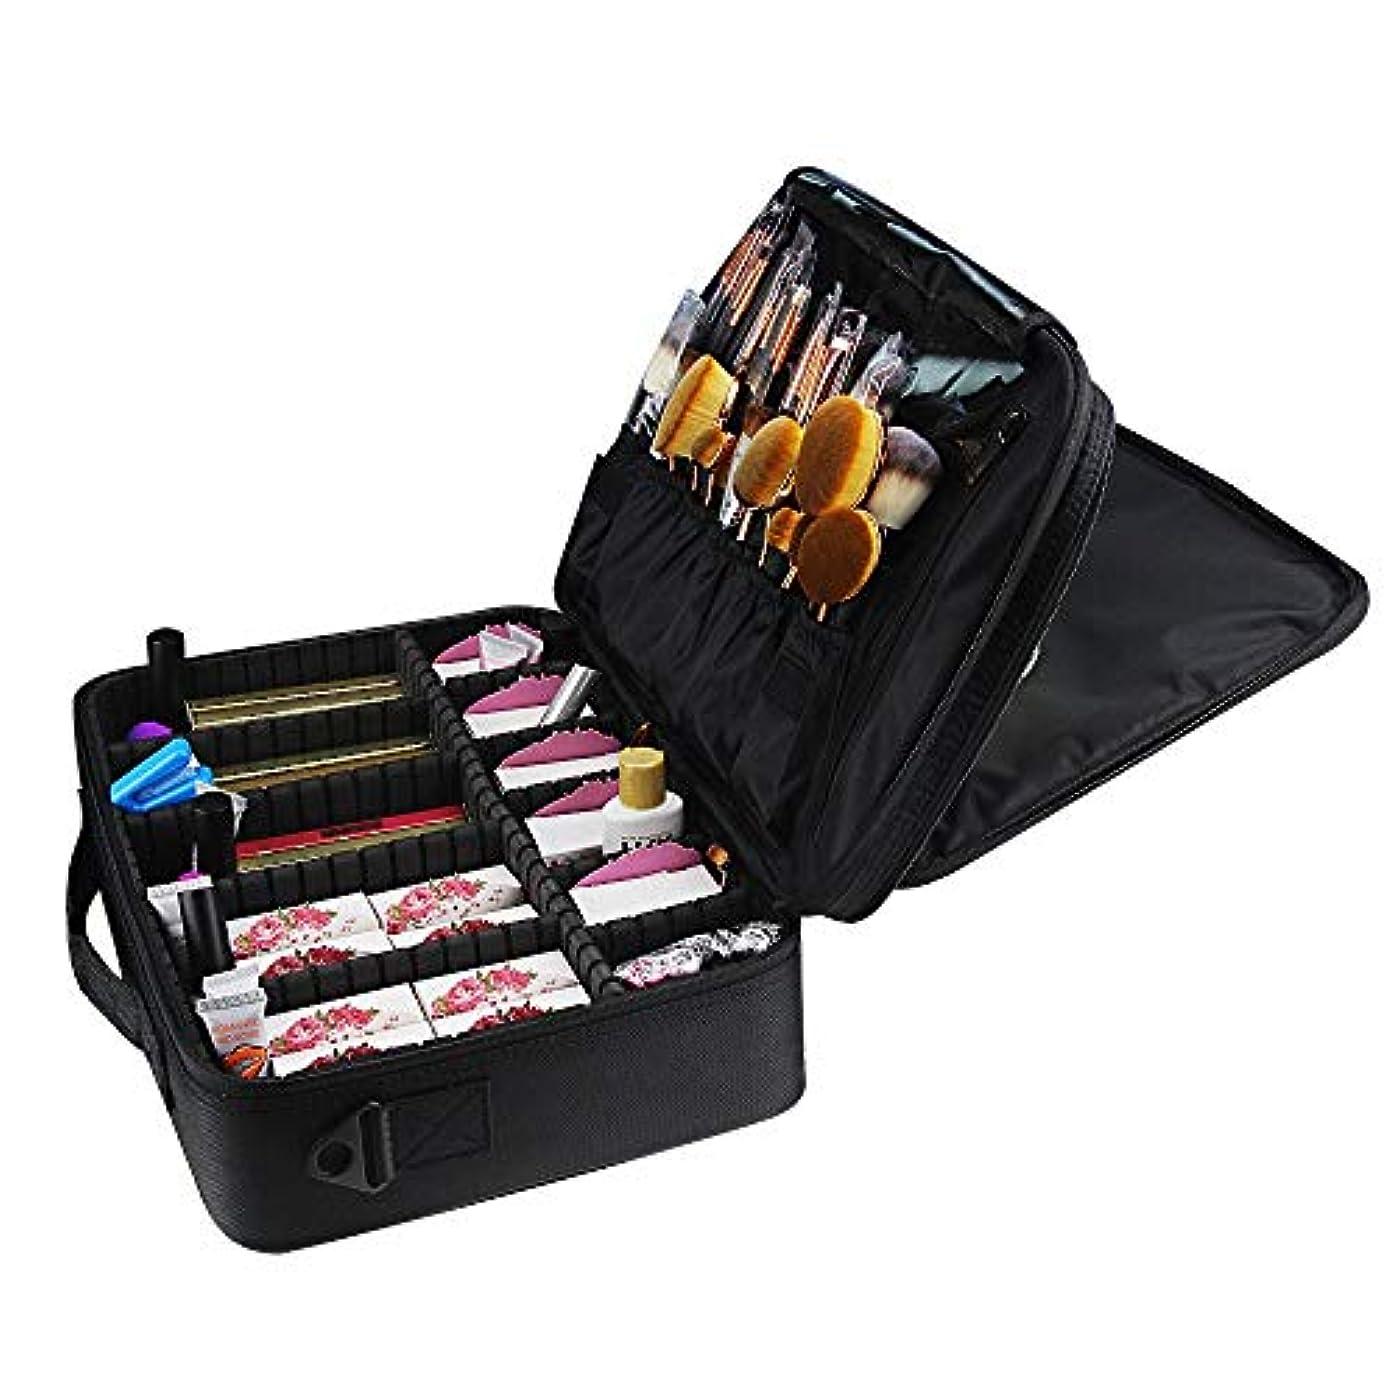 オートメーション笑い厚さ特大スペース収納ビューティーボックス 女の子および女性のための調節可能な肩ひものディバイダーの収納箱が付いている旅行化粧品袋の革収納袋 化粧品化粧台 (色 : ブラック)